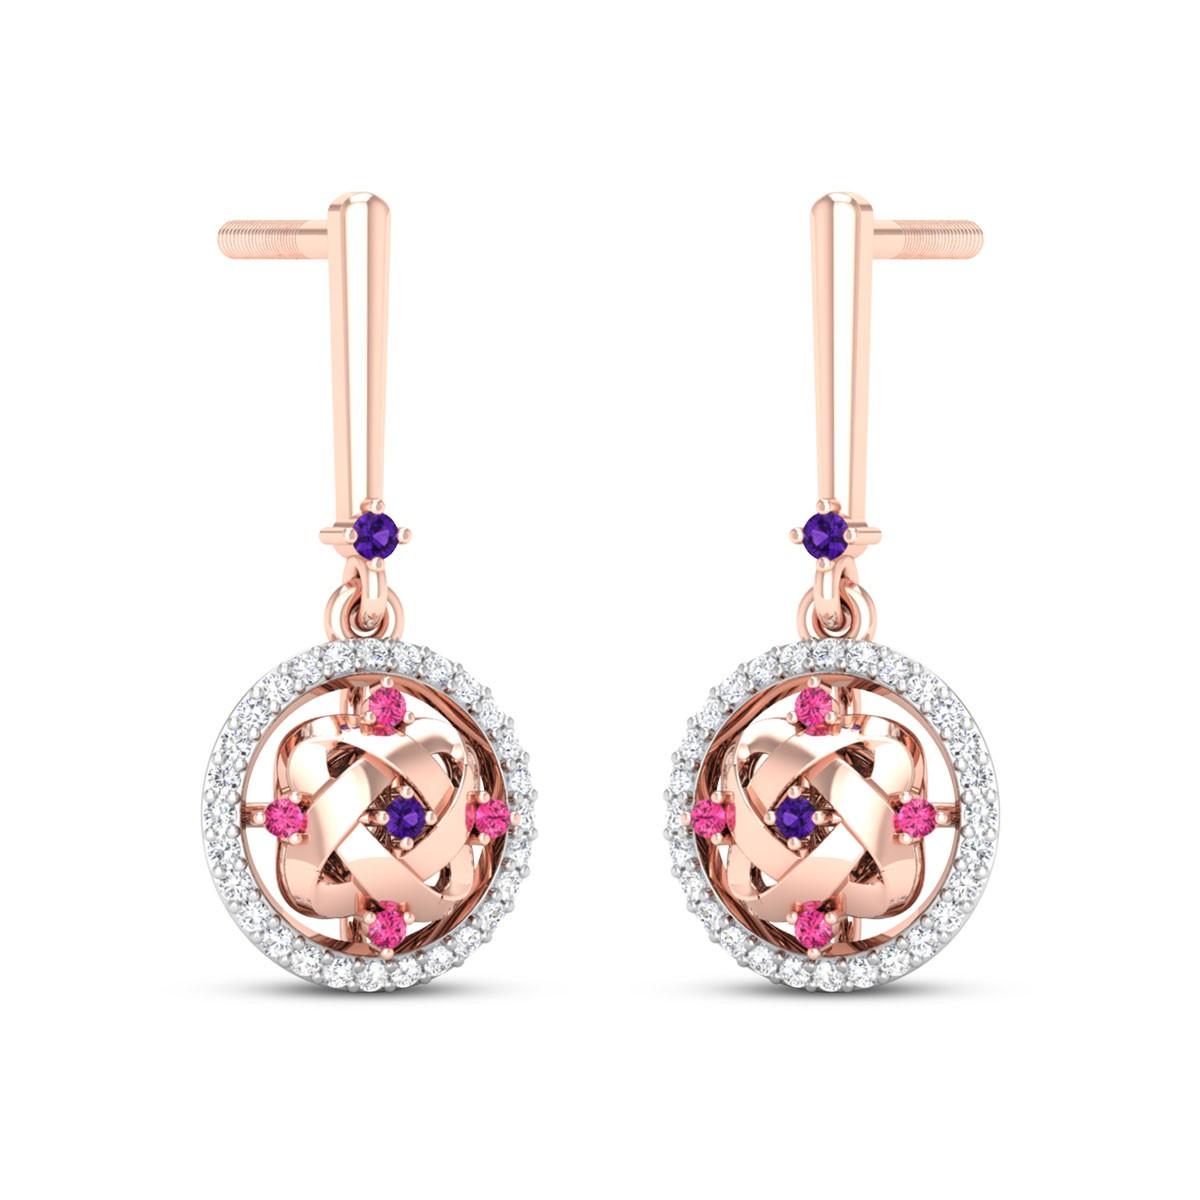 Aphrodite Diamond Dangler Earrings